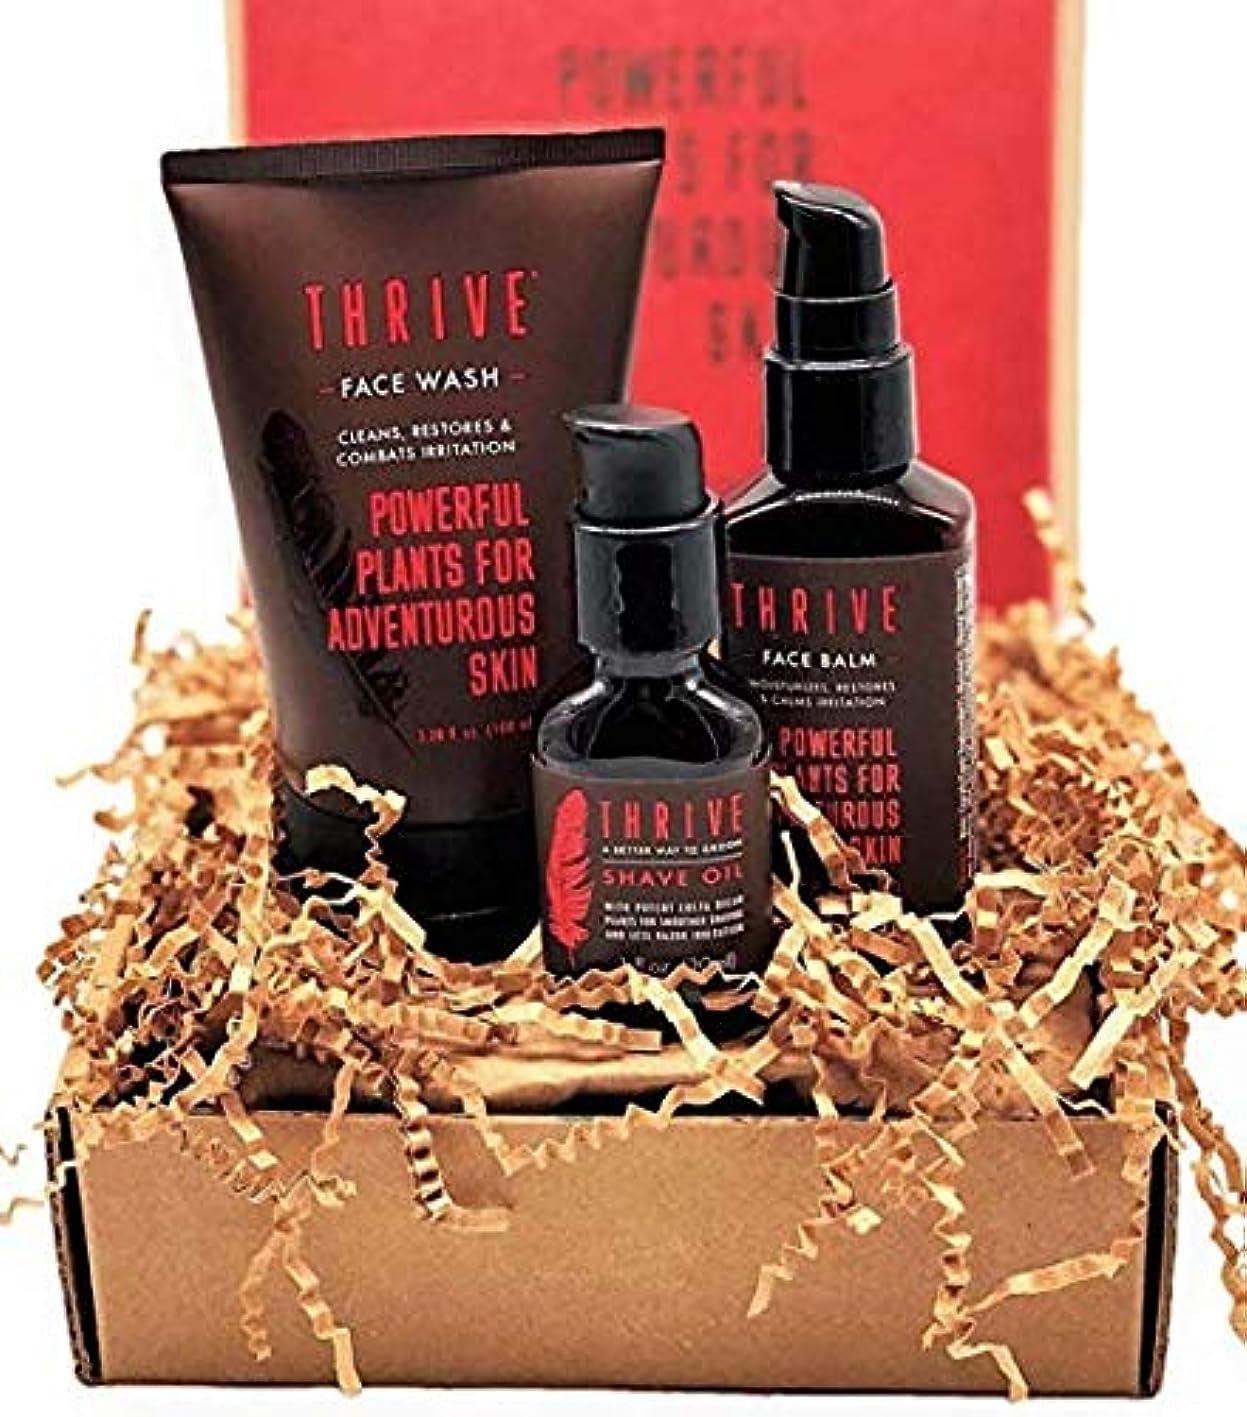 確かなはねかける西部Thrive Natural Men's Growing Kit – 毎日3ピースのグルーミングギフトセット,オーガニック&ユニークなプレミアム天然成分を使った米国製男性用ギフトセット,Thrive Natural Men's...